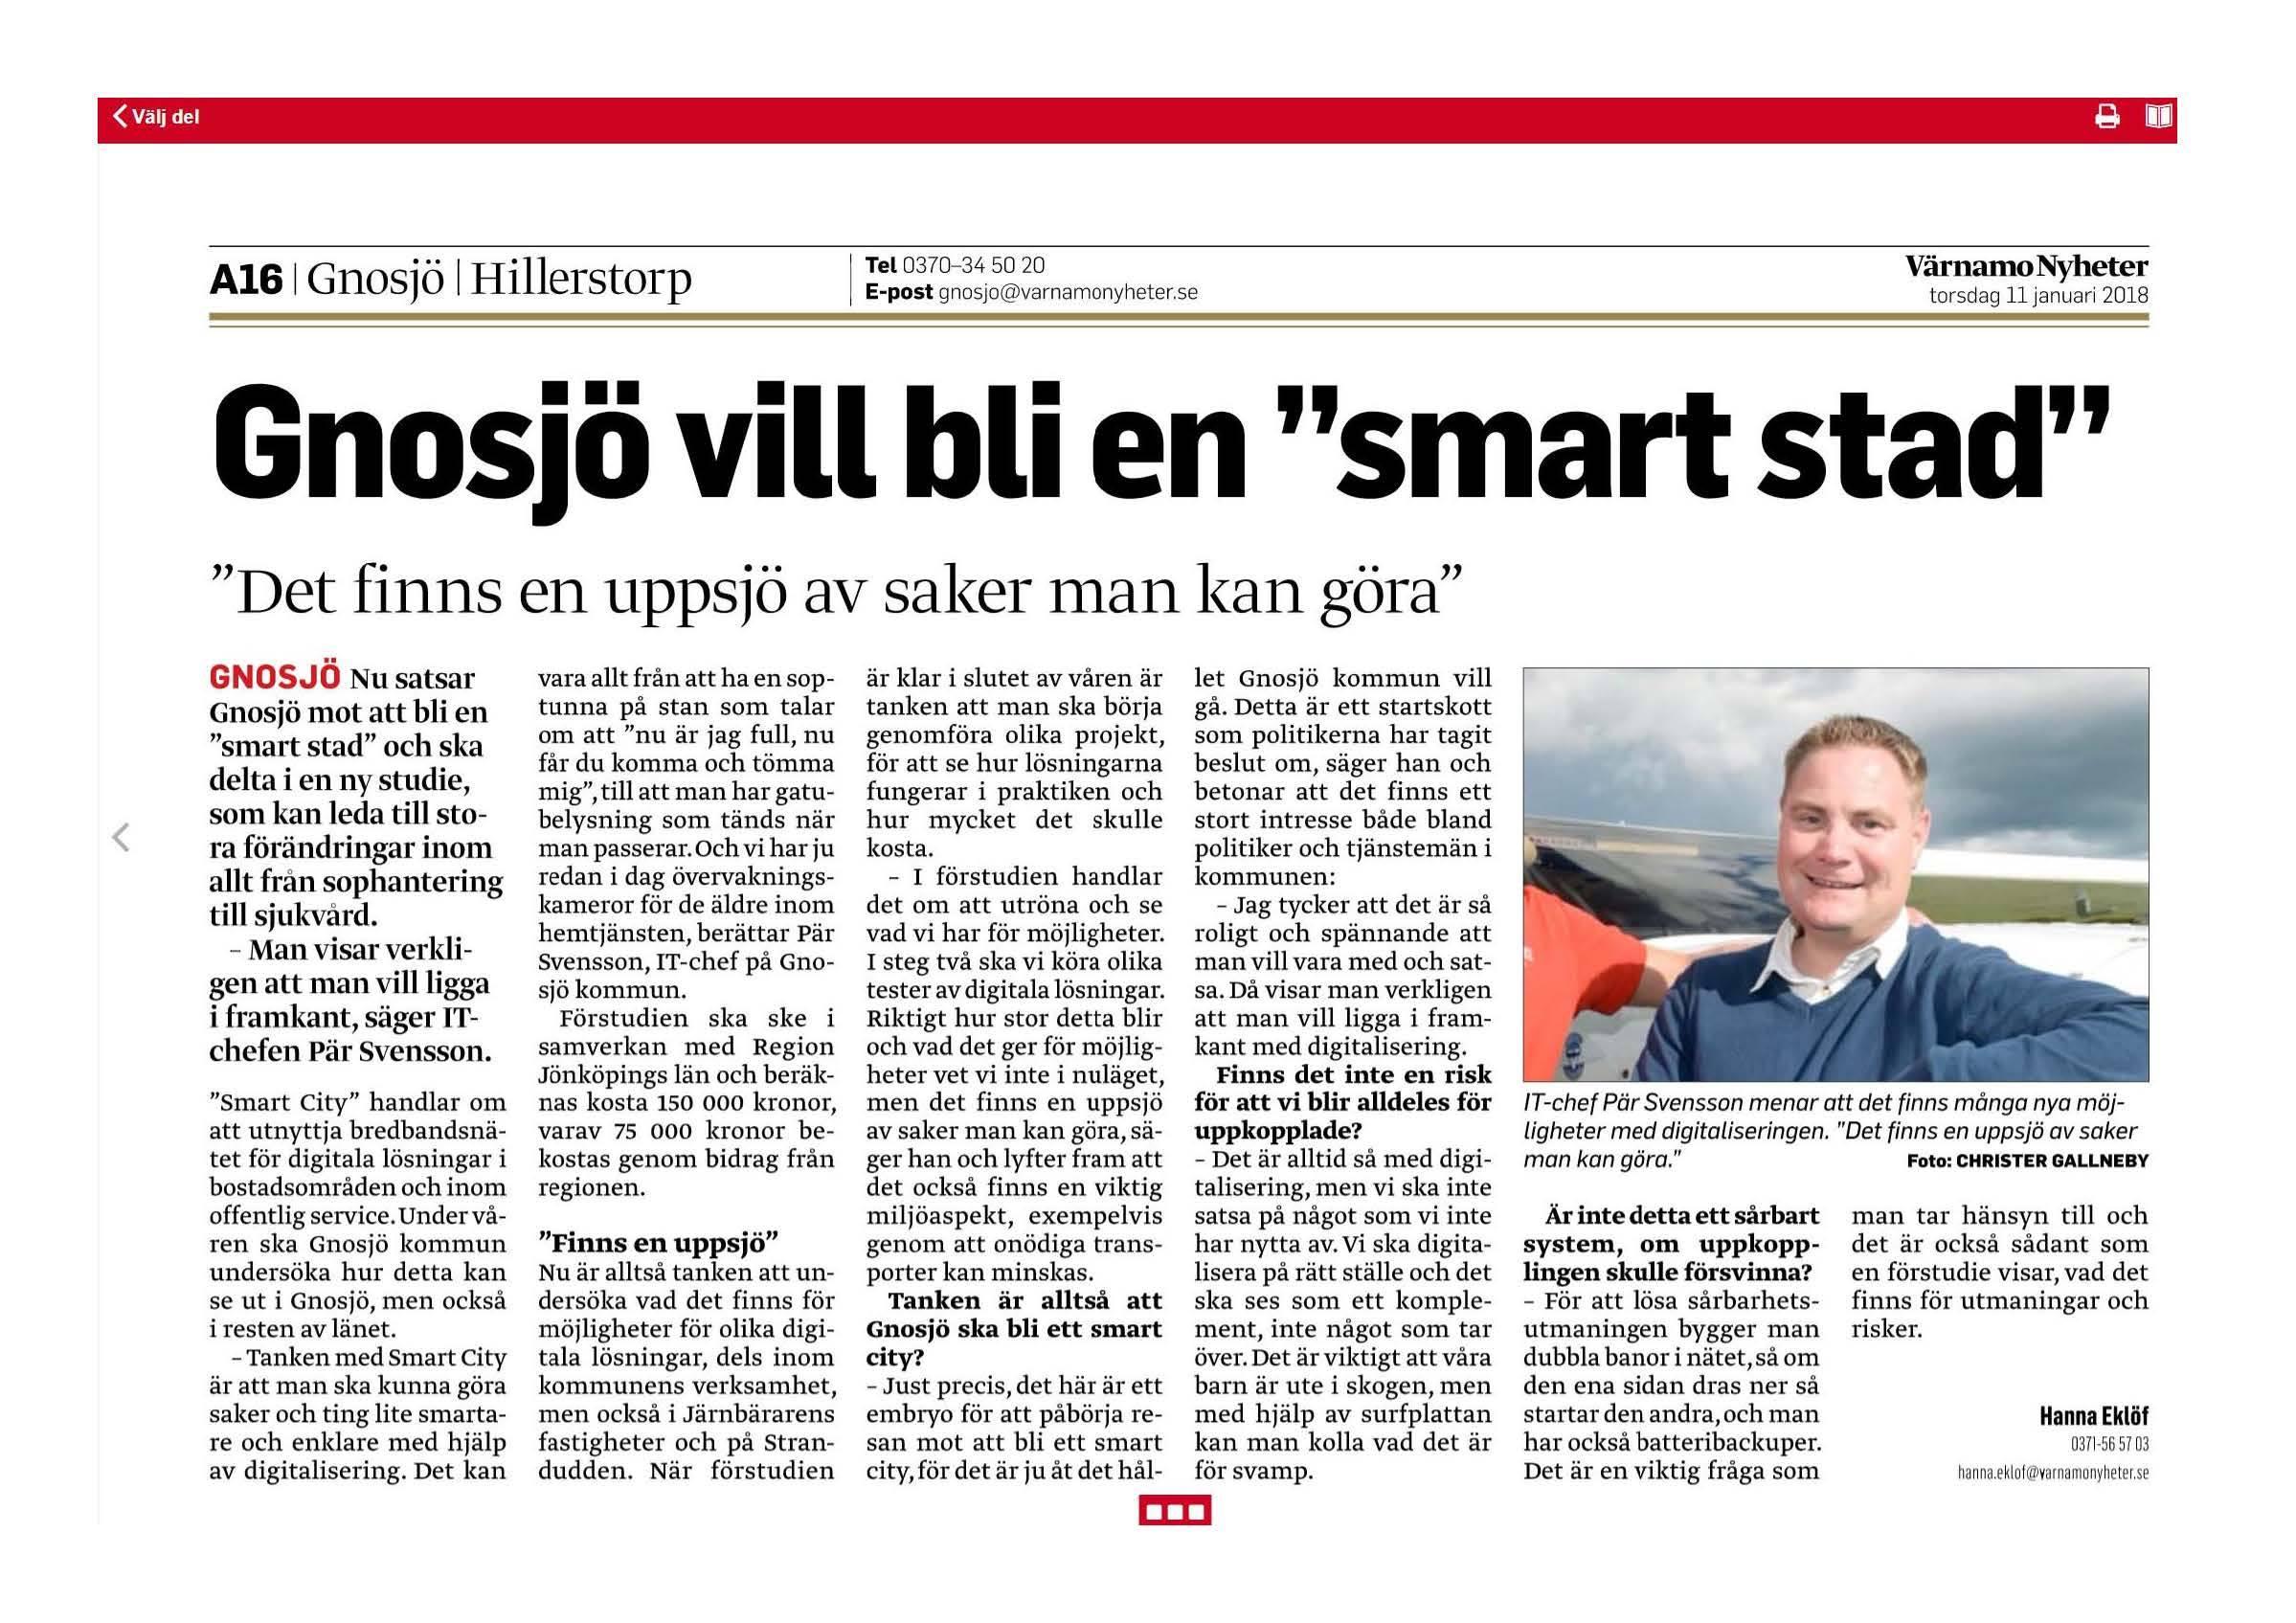 Gnosjö Kommun tar initativ till digitalisering